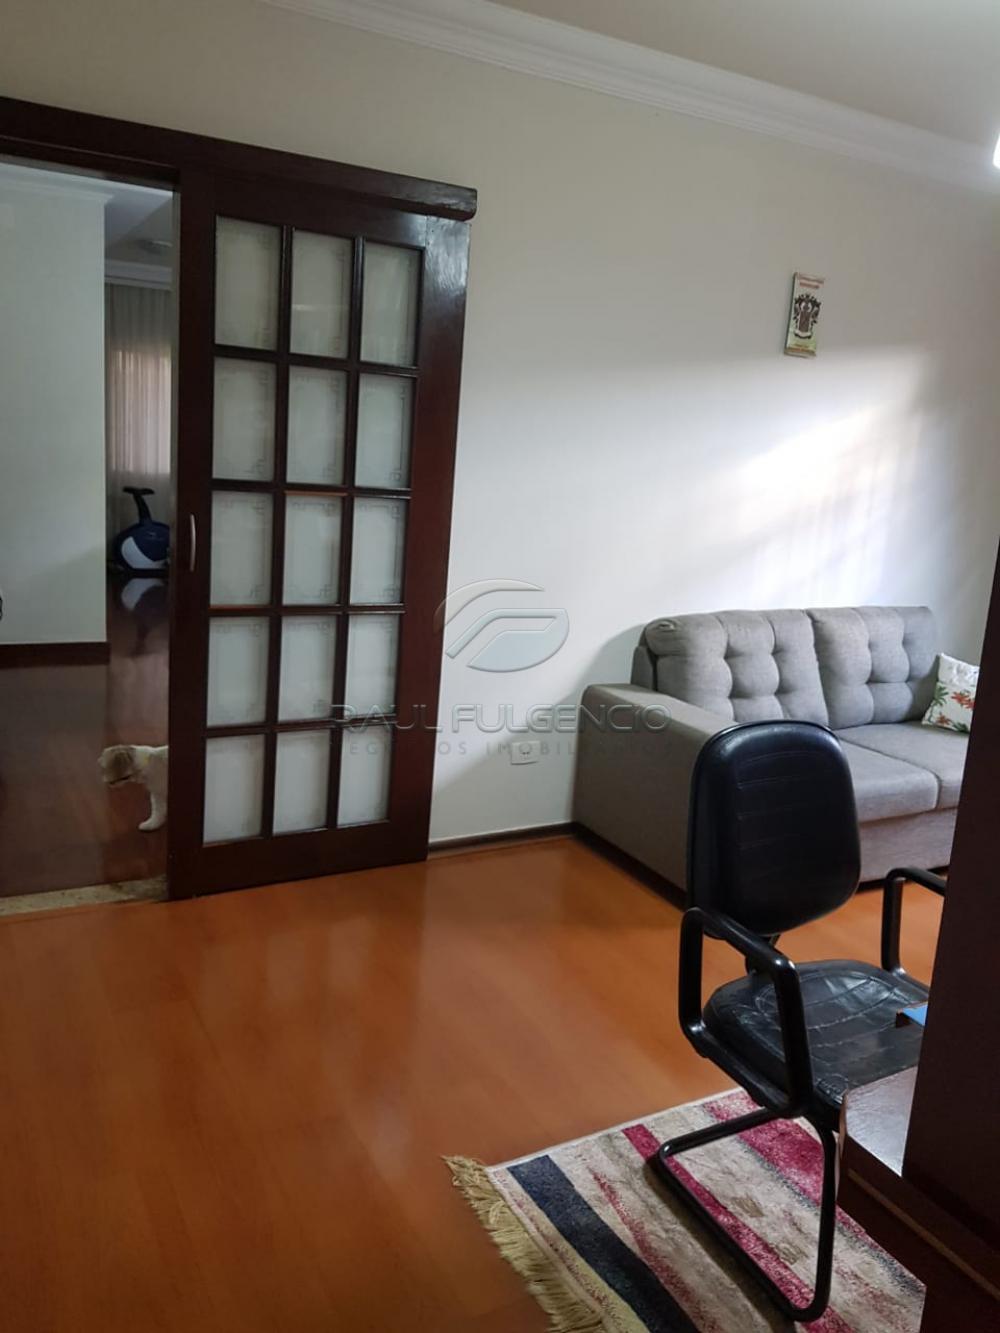 Comprar Casa / Térrea em Londrina apenas R$ 595.000,00 - Foto 8